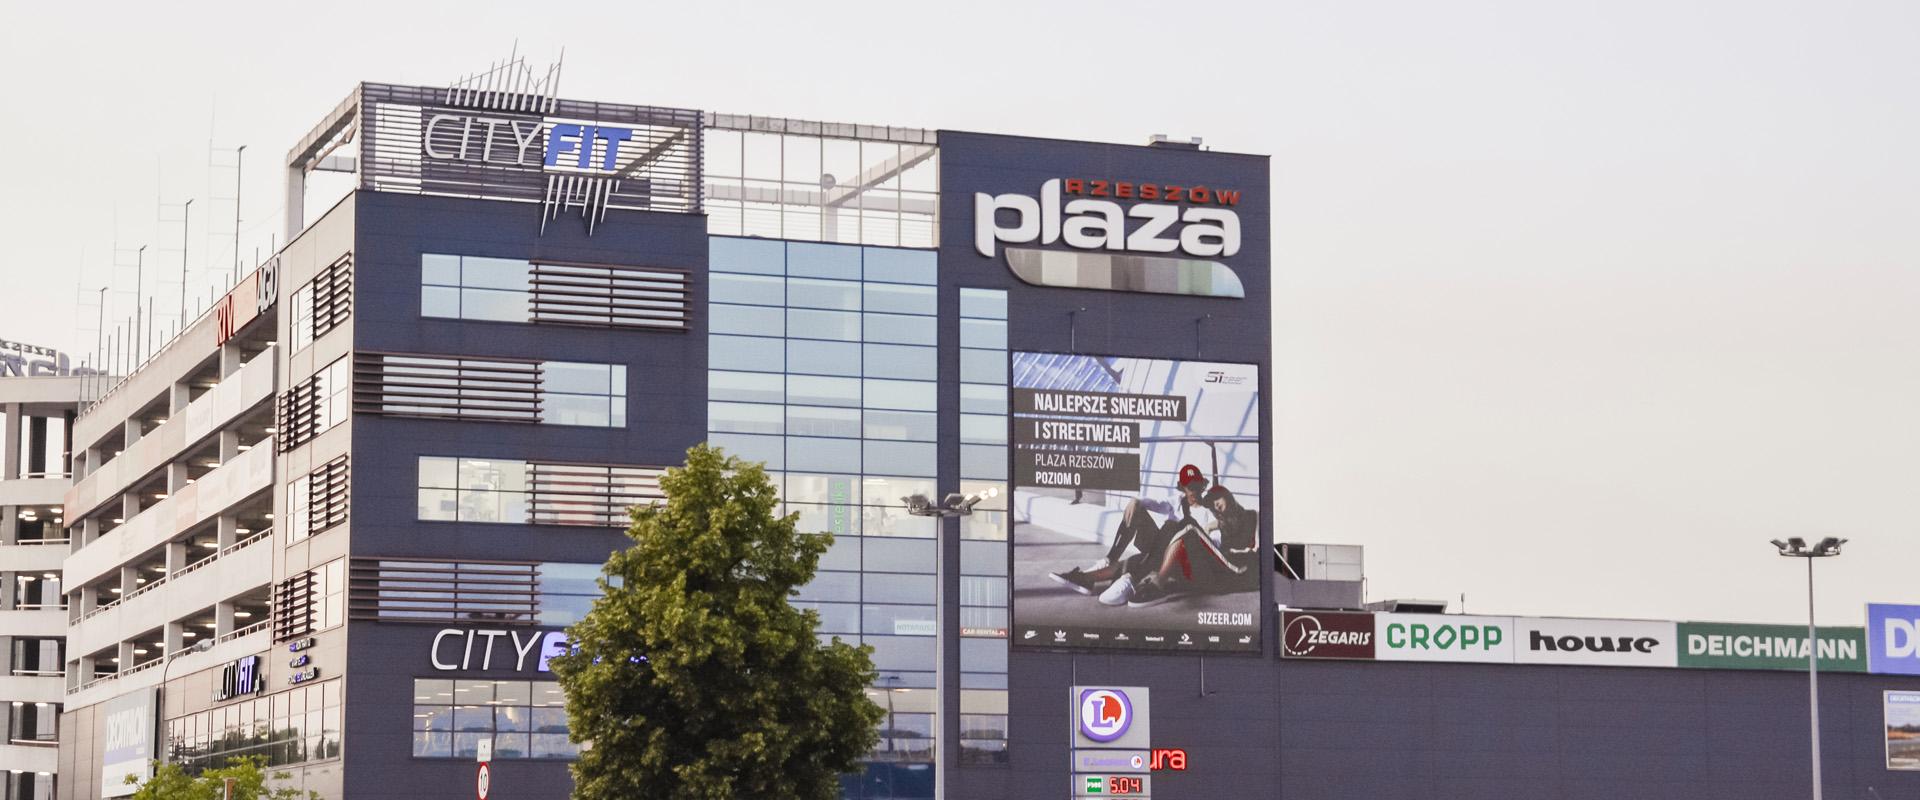 Plaza Rzeszów - Centrum Handlowe Plaza, Galeria Plaza